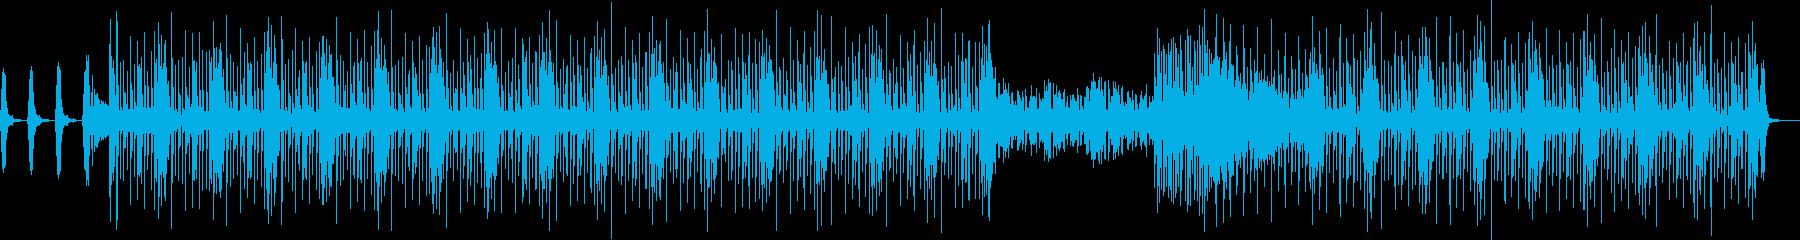 変幻自在・怪しい雰囲気漂う EDMの再生済みの波形